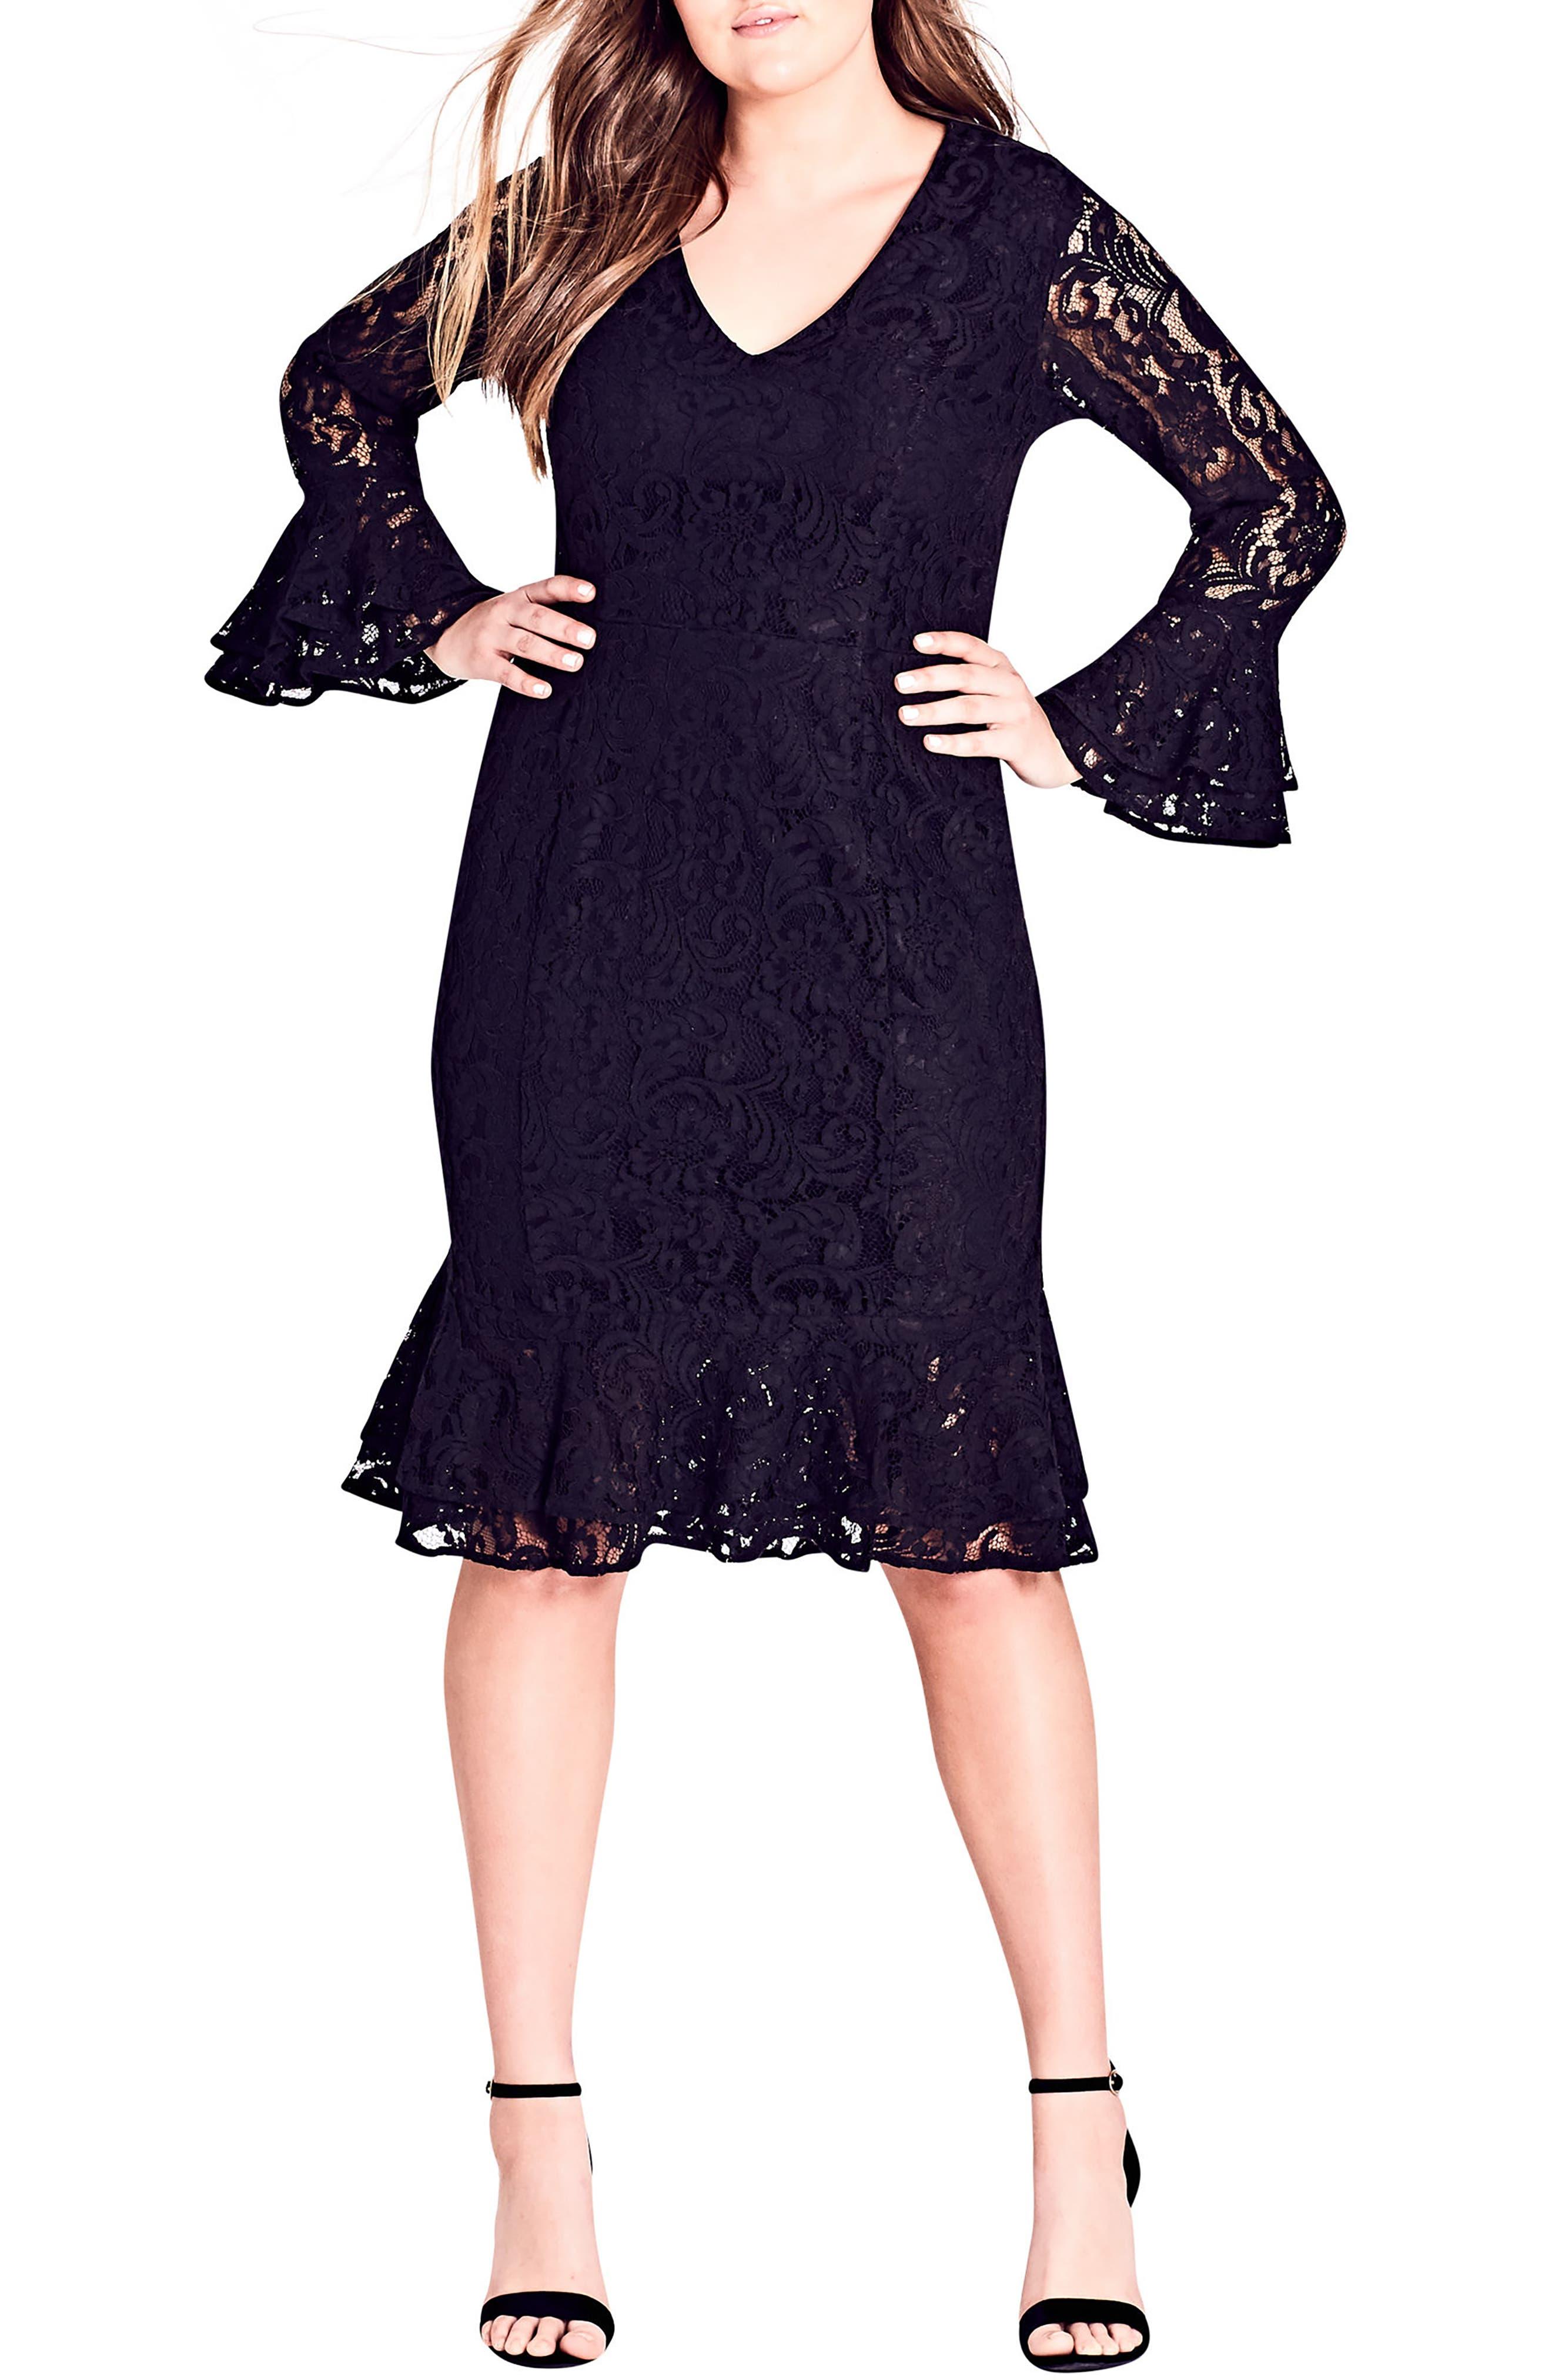 Plus Size City Chic Lace Desire Dress